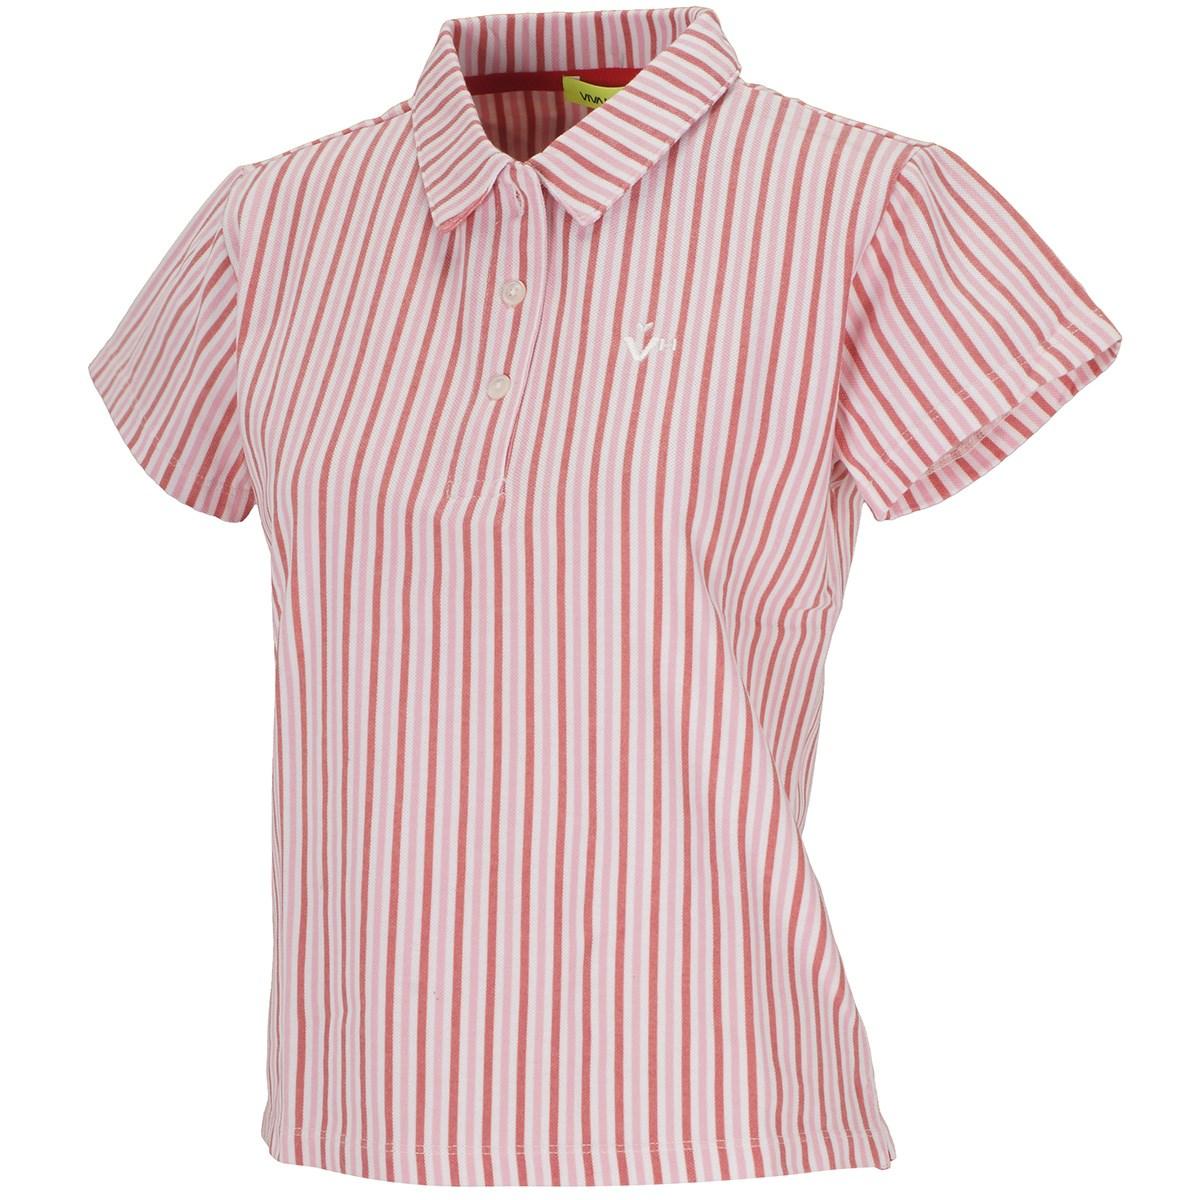 ビバハート VIVA HEART ストライププリント鹿の子 半袖ポロシャツ 40(M) レッド 063 レディス